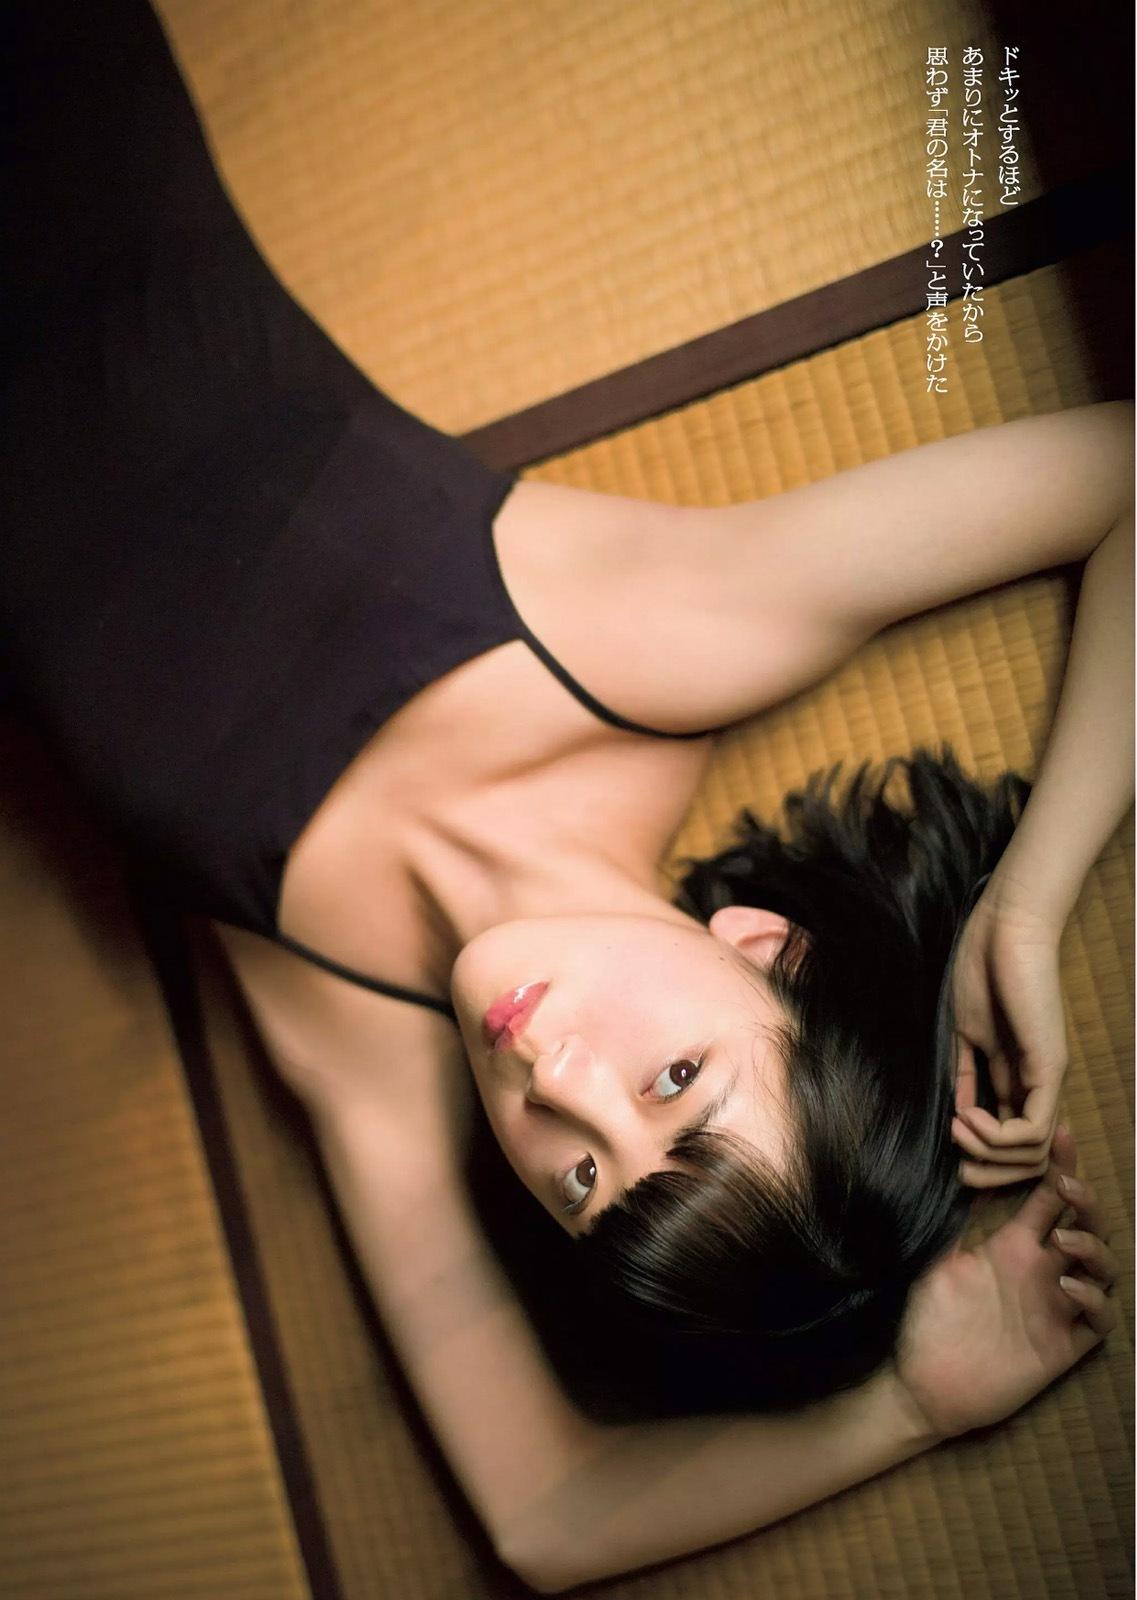 堀未央奈 乃木坂46堀ちゃんのうっすら谷間&色白太ももセクシー画像